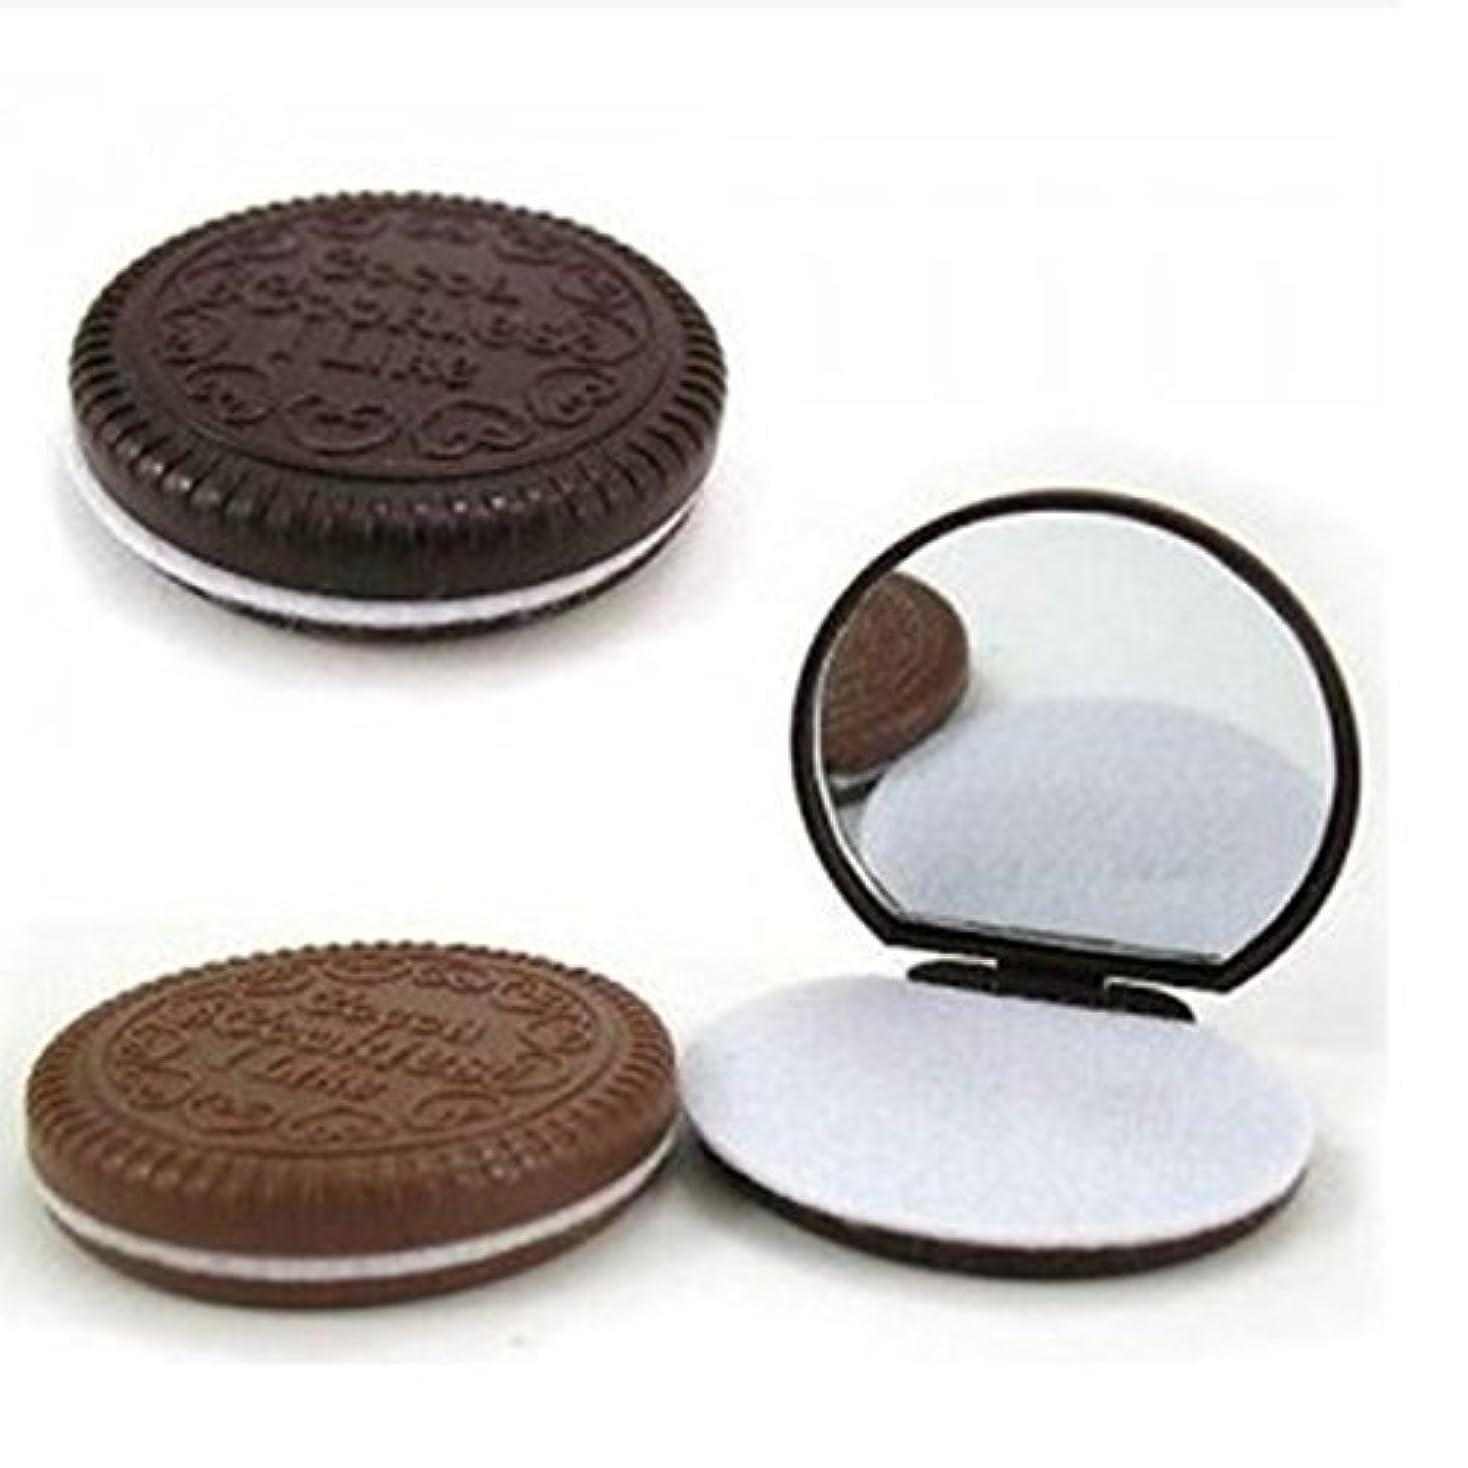 紫の証言甘味3 Pcs Cute Chocolate Makeup Mirror With Comb Women Hand Pocket Compact Makeup Tools Great Gift [並行輸入品]